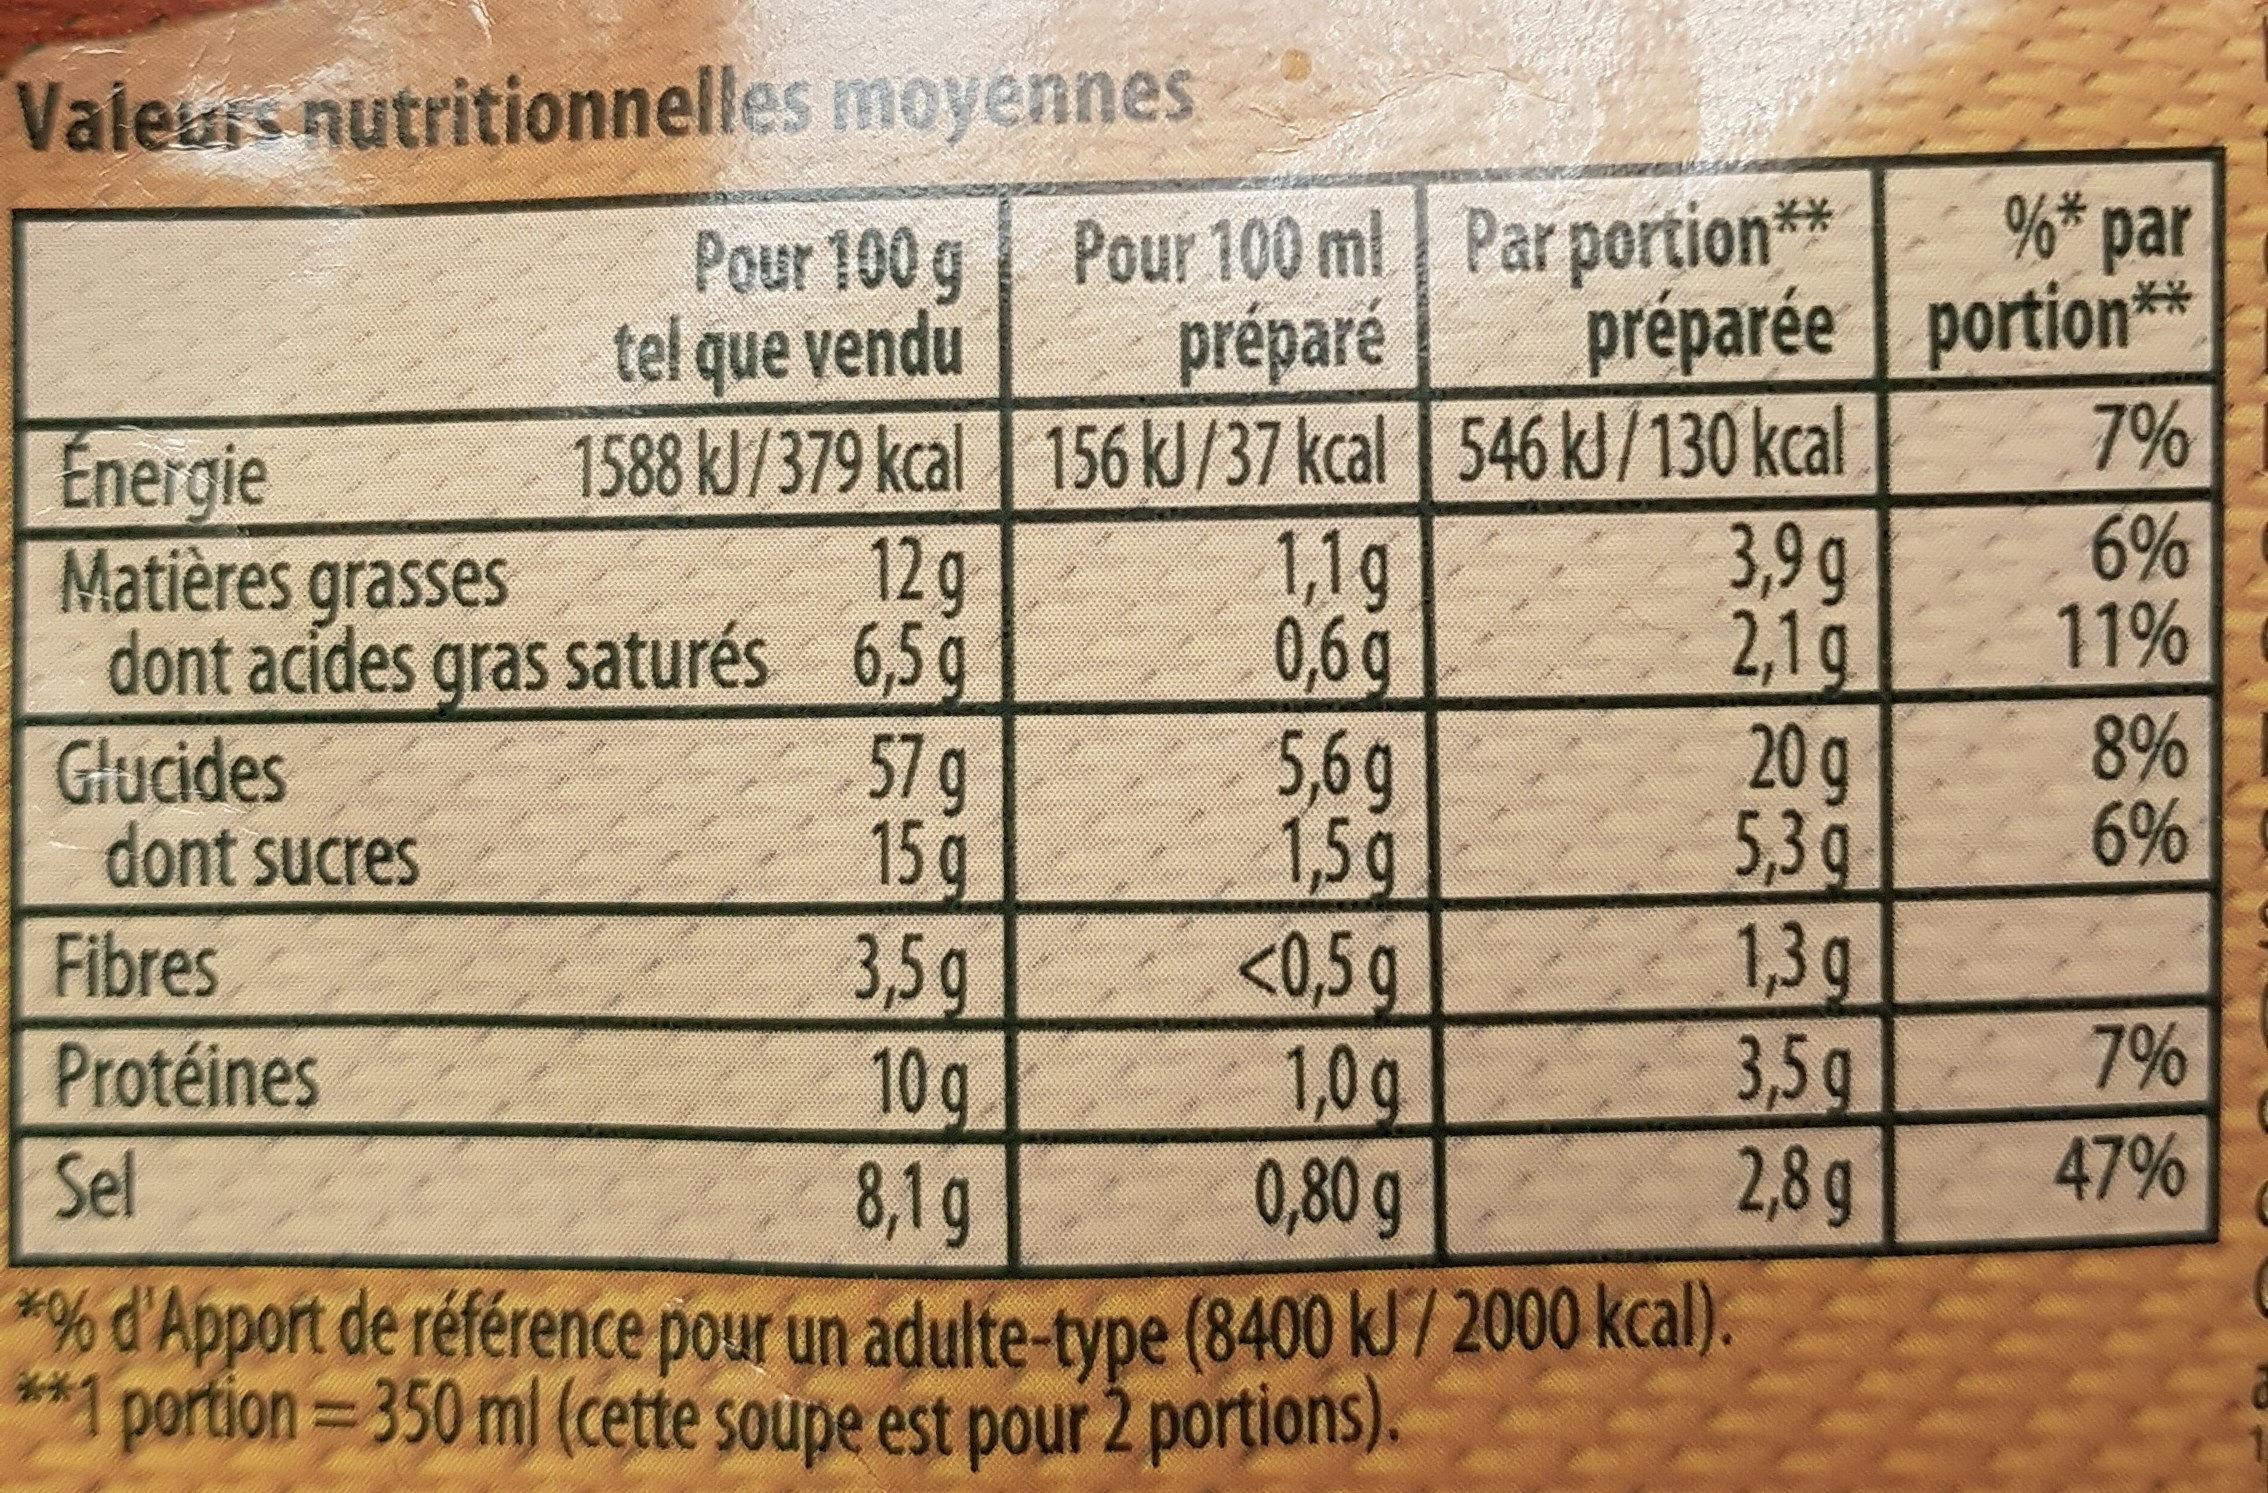 Soupe Thaï, nouilles-champignons & pousses soja - Información nutricional